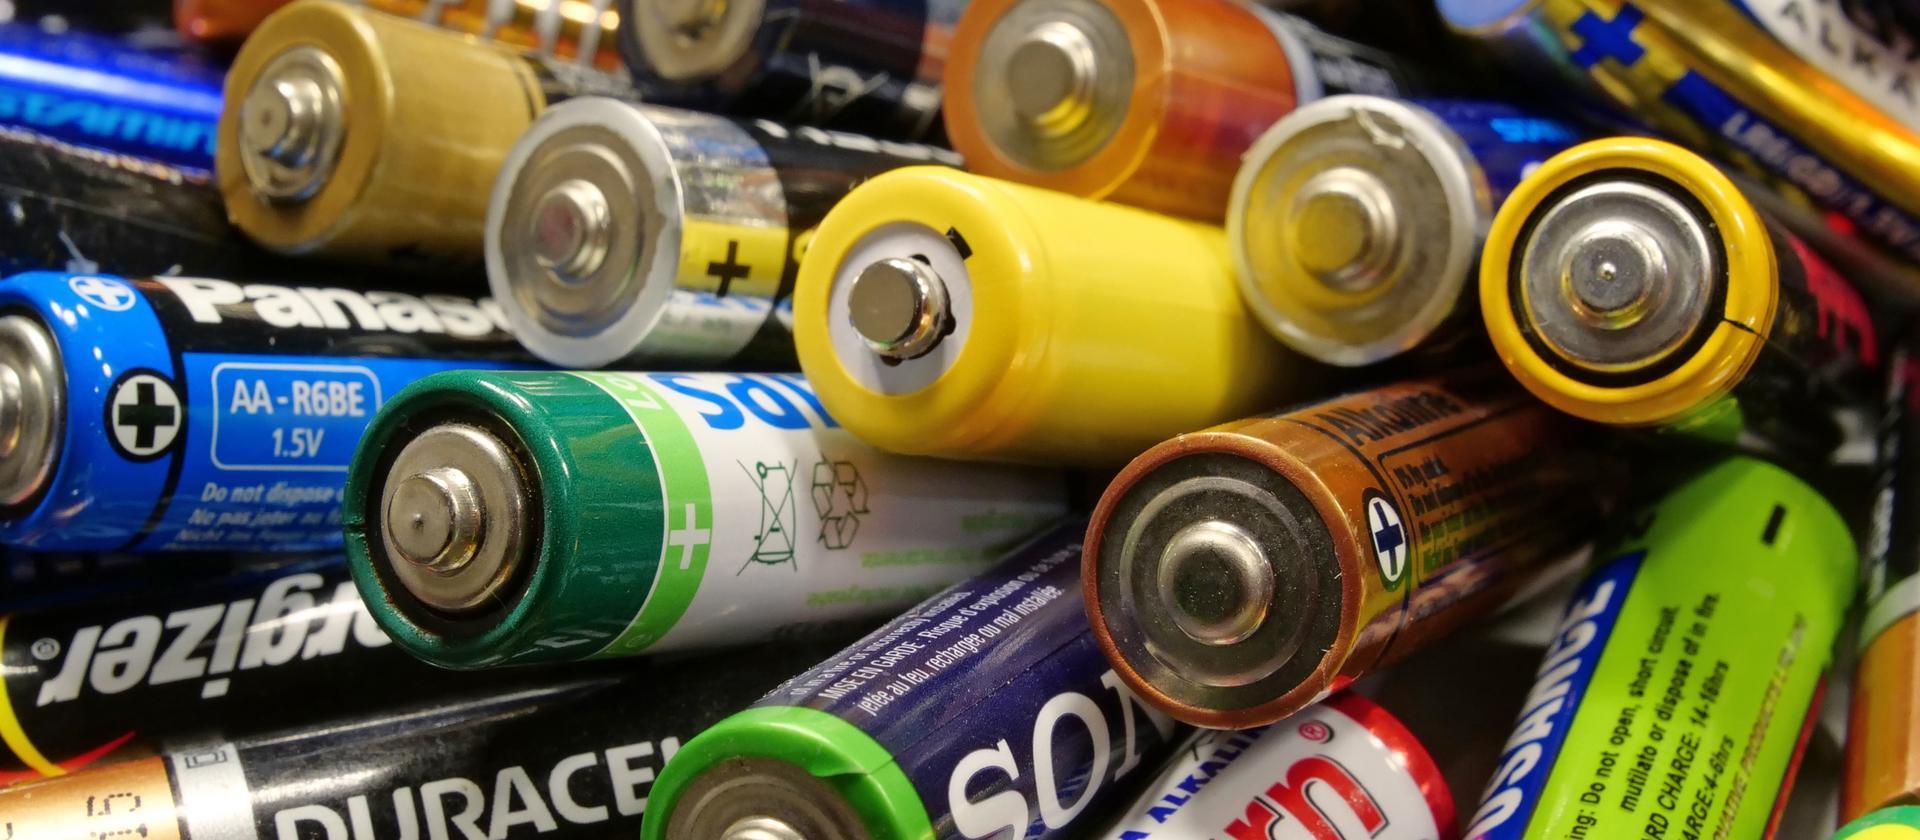 """Po foliówkach i słomkach czas na eliminację """"paluszków""""? Baterie podbiły świat i szybko nie znikną"""